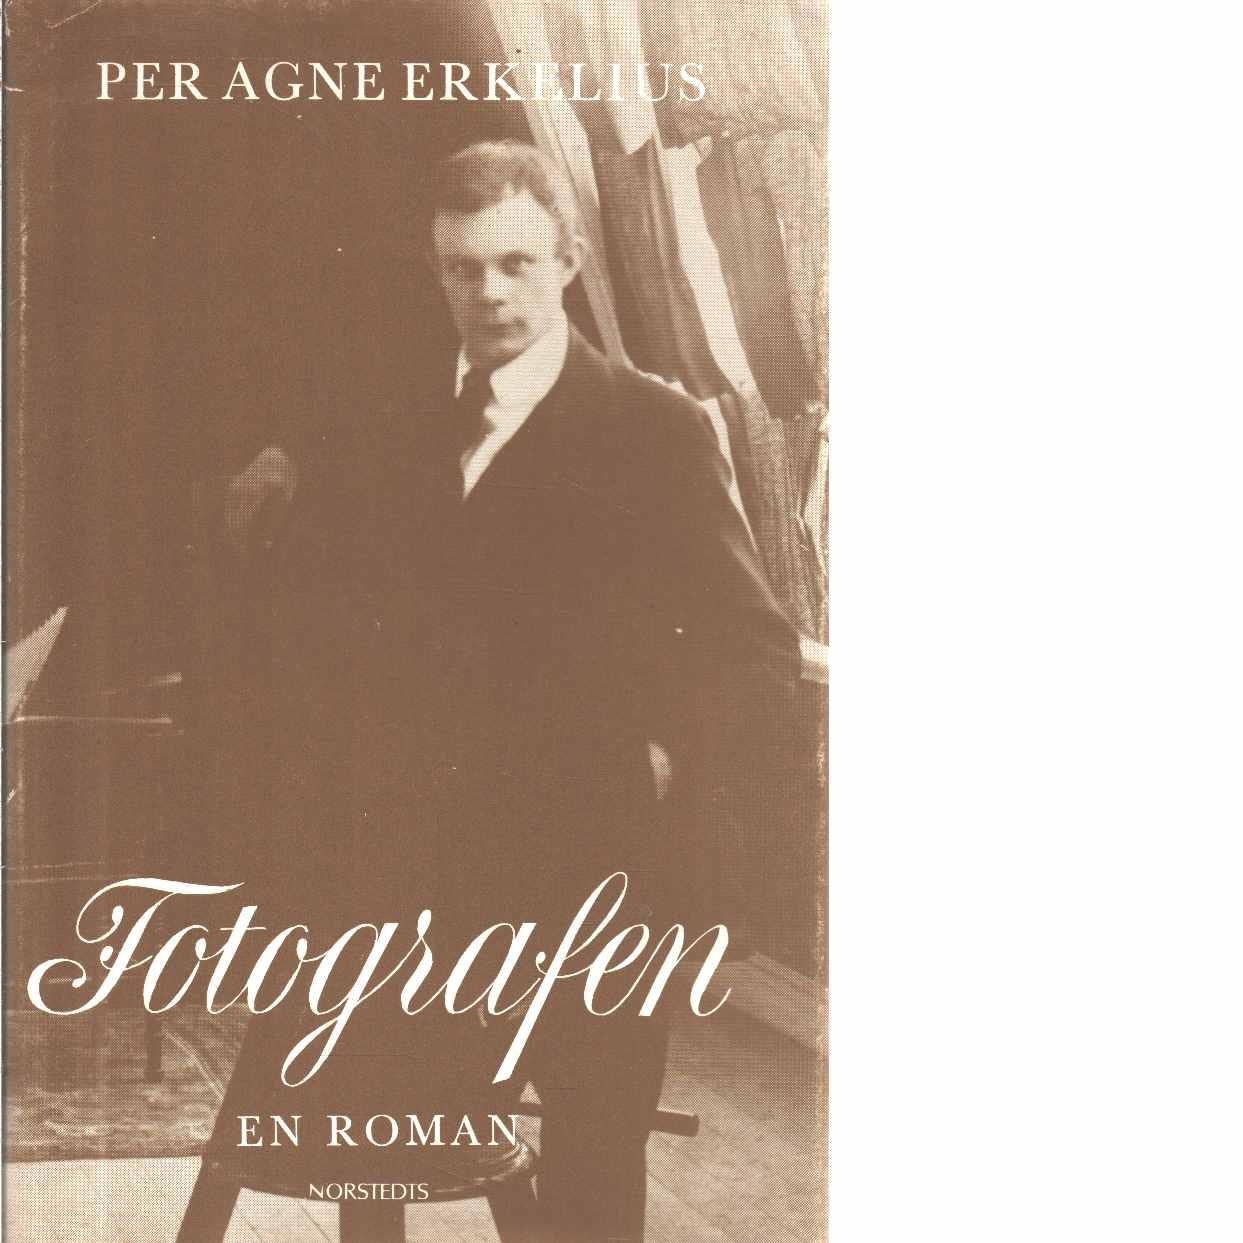 Fotografen - Erkelius, Per Agne